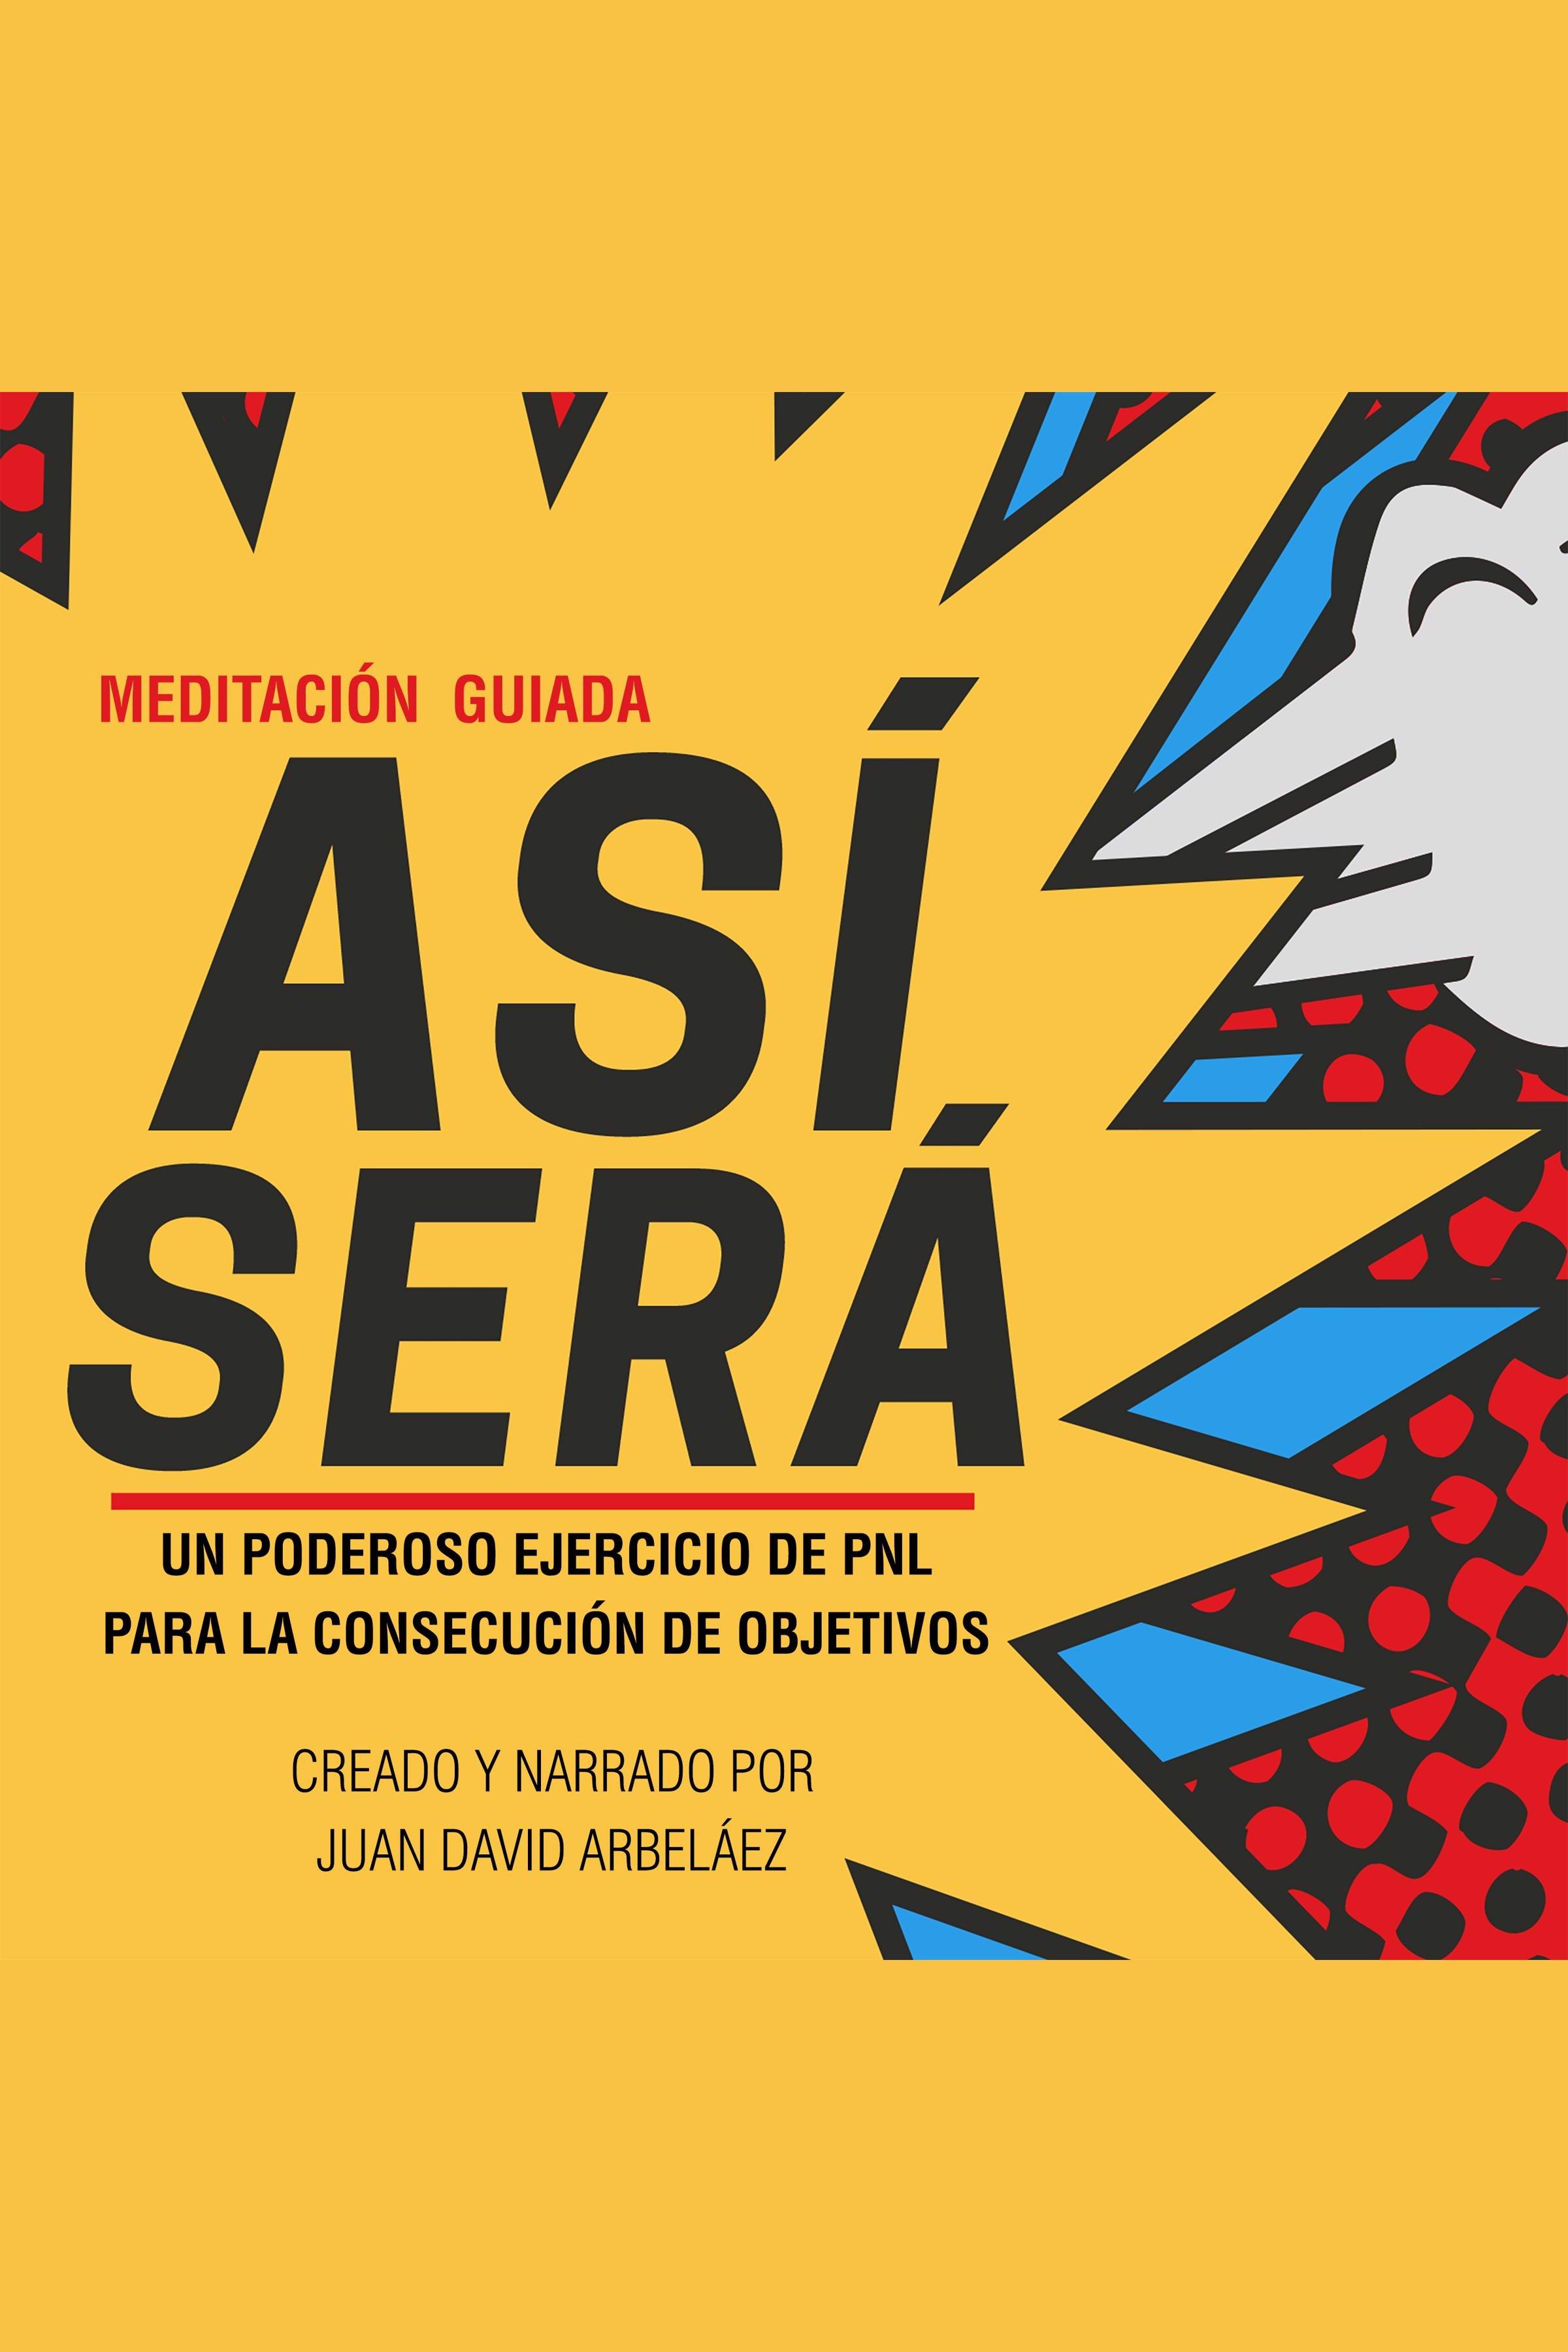 Esta es la portada del audiolibro Meditación Guiada Así Será